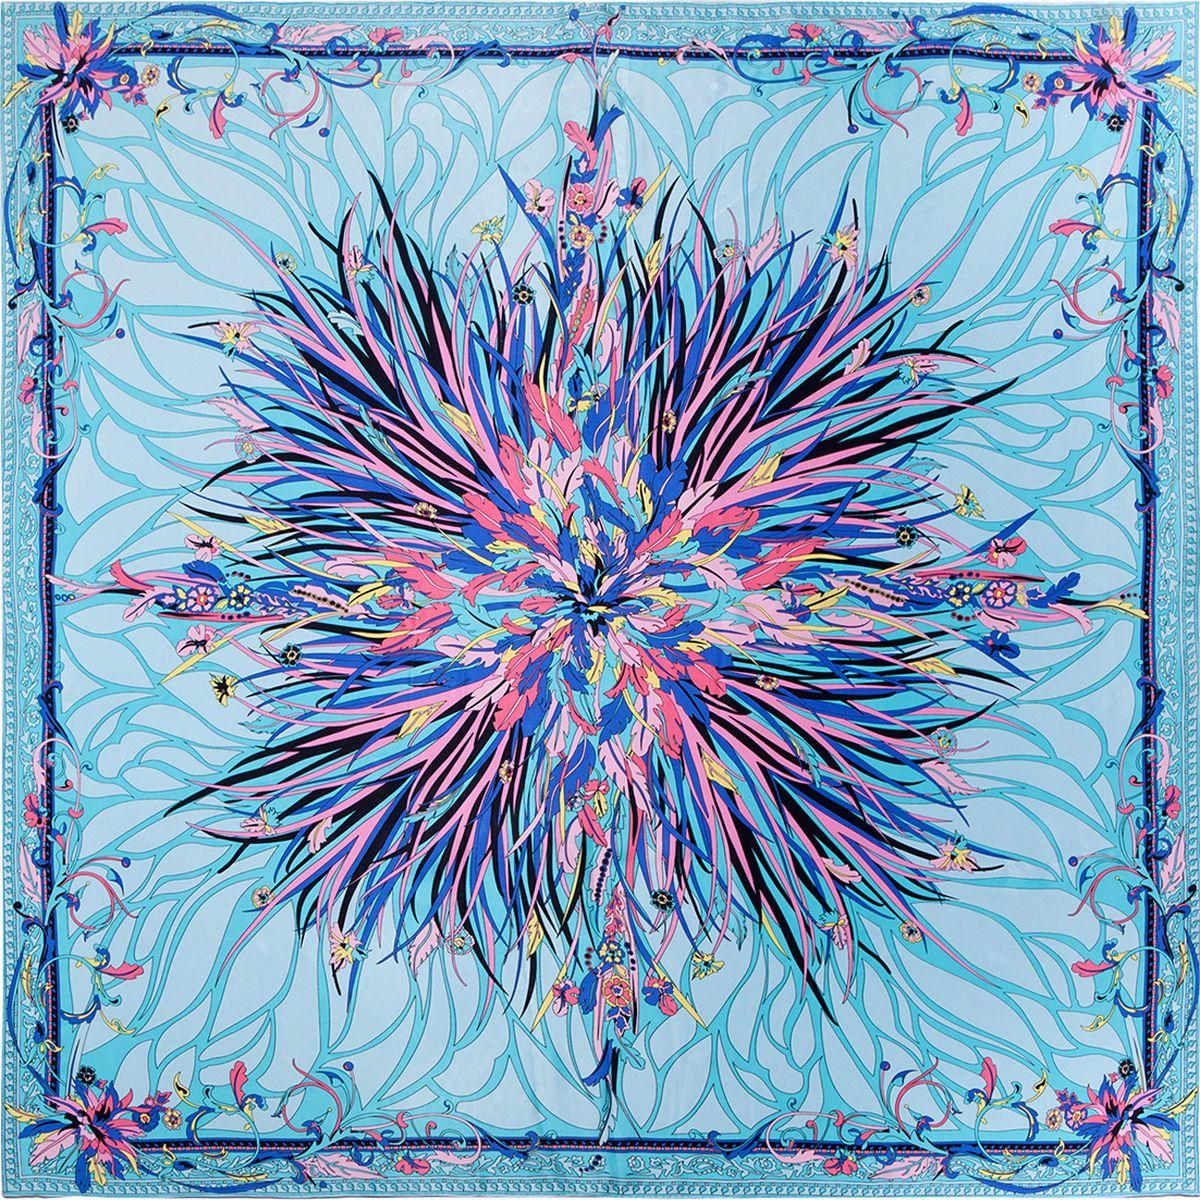 Платок женский Eleganzza, цвет: голубой. SS03-7923. Размер 110 см х 110 смSS03-7923Платок Eleganzza выполнен из шелка с ручным типом подгибки. Модель оформлена принтом.Классическая квадратная форма позволяет носить платок на шее, украшать им прическу или декорировать сумочку.